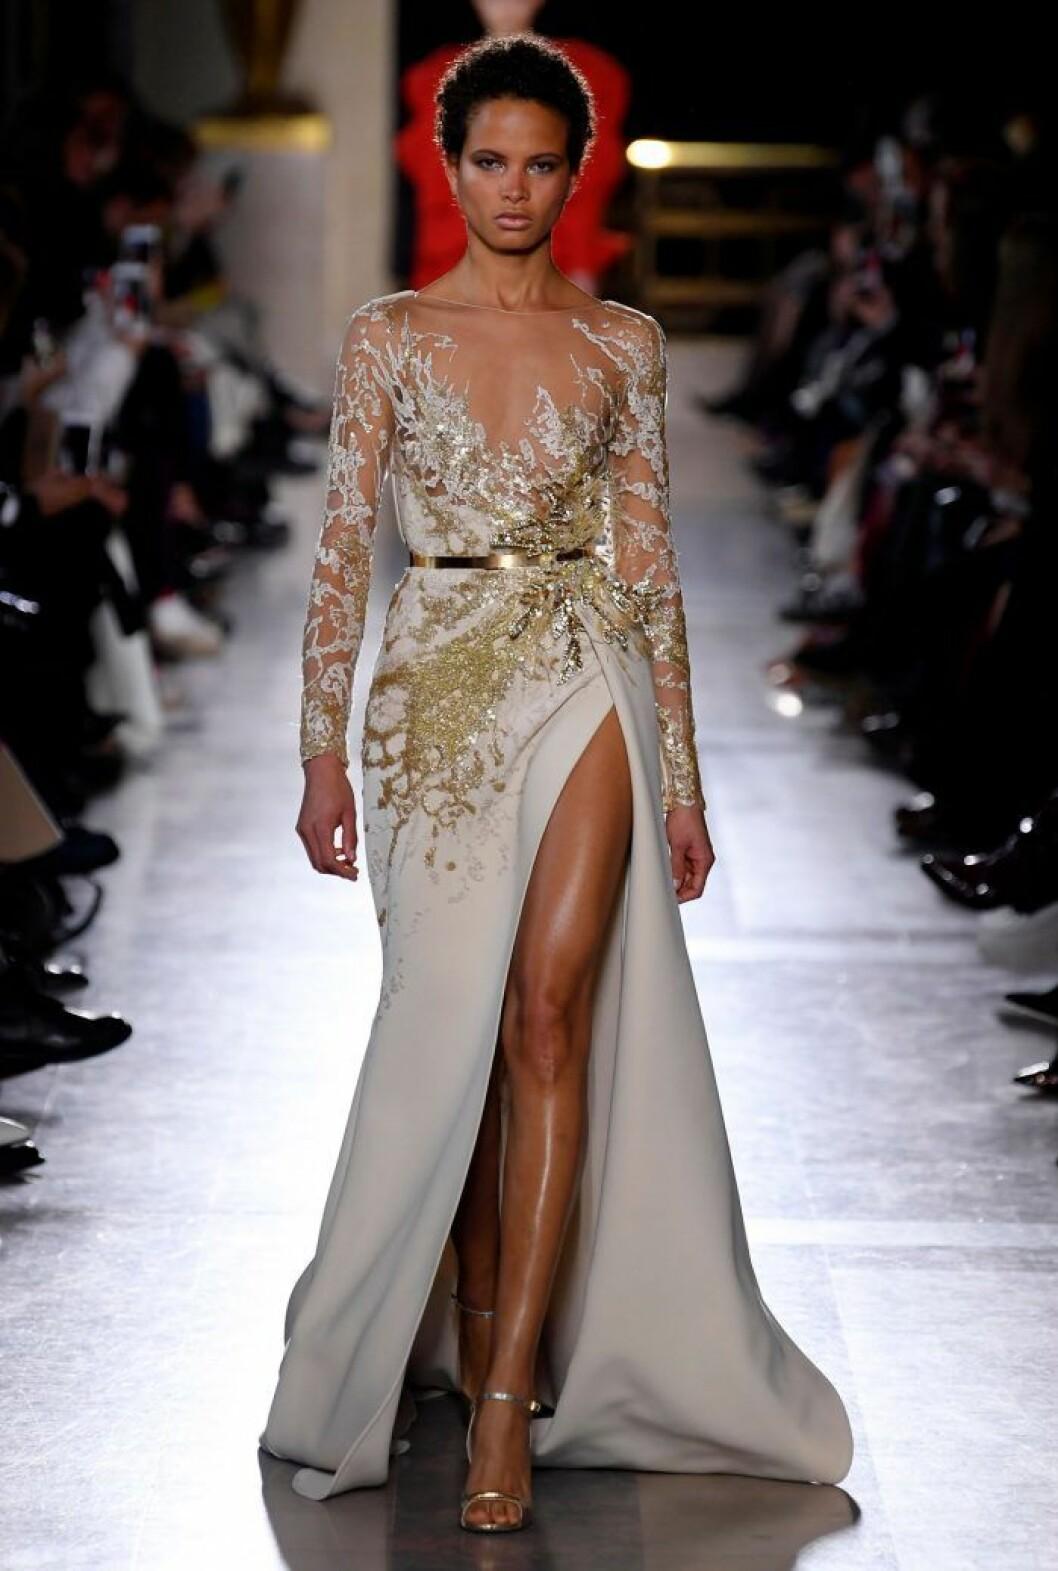 Drottningens Elie Saab-klänning - som den såg ut när den visades på catwalken.